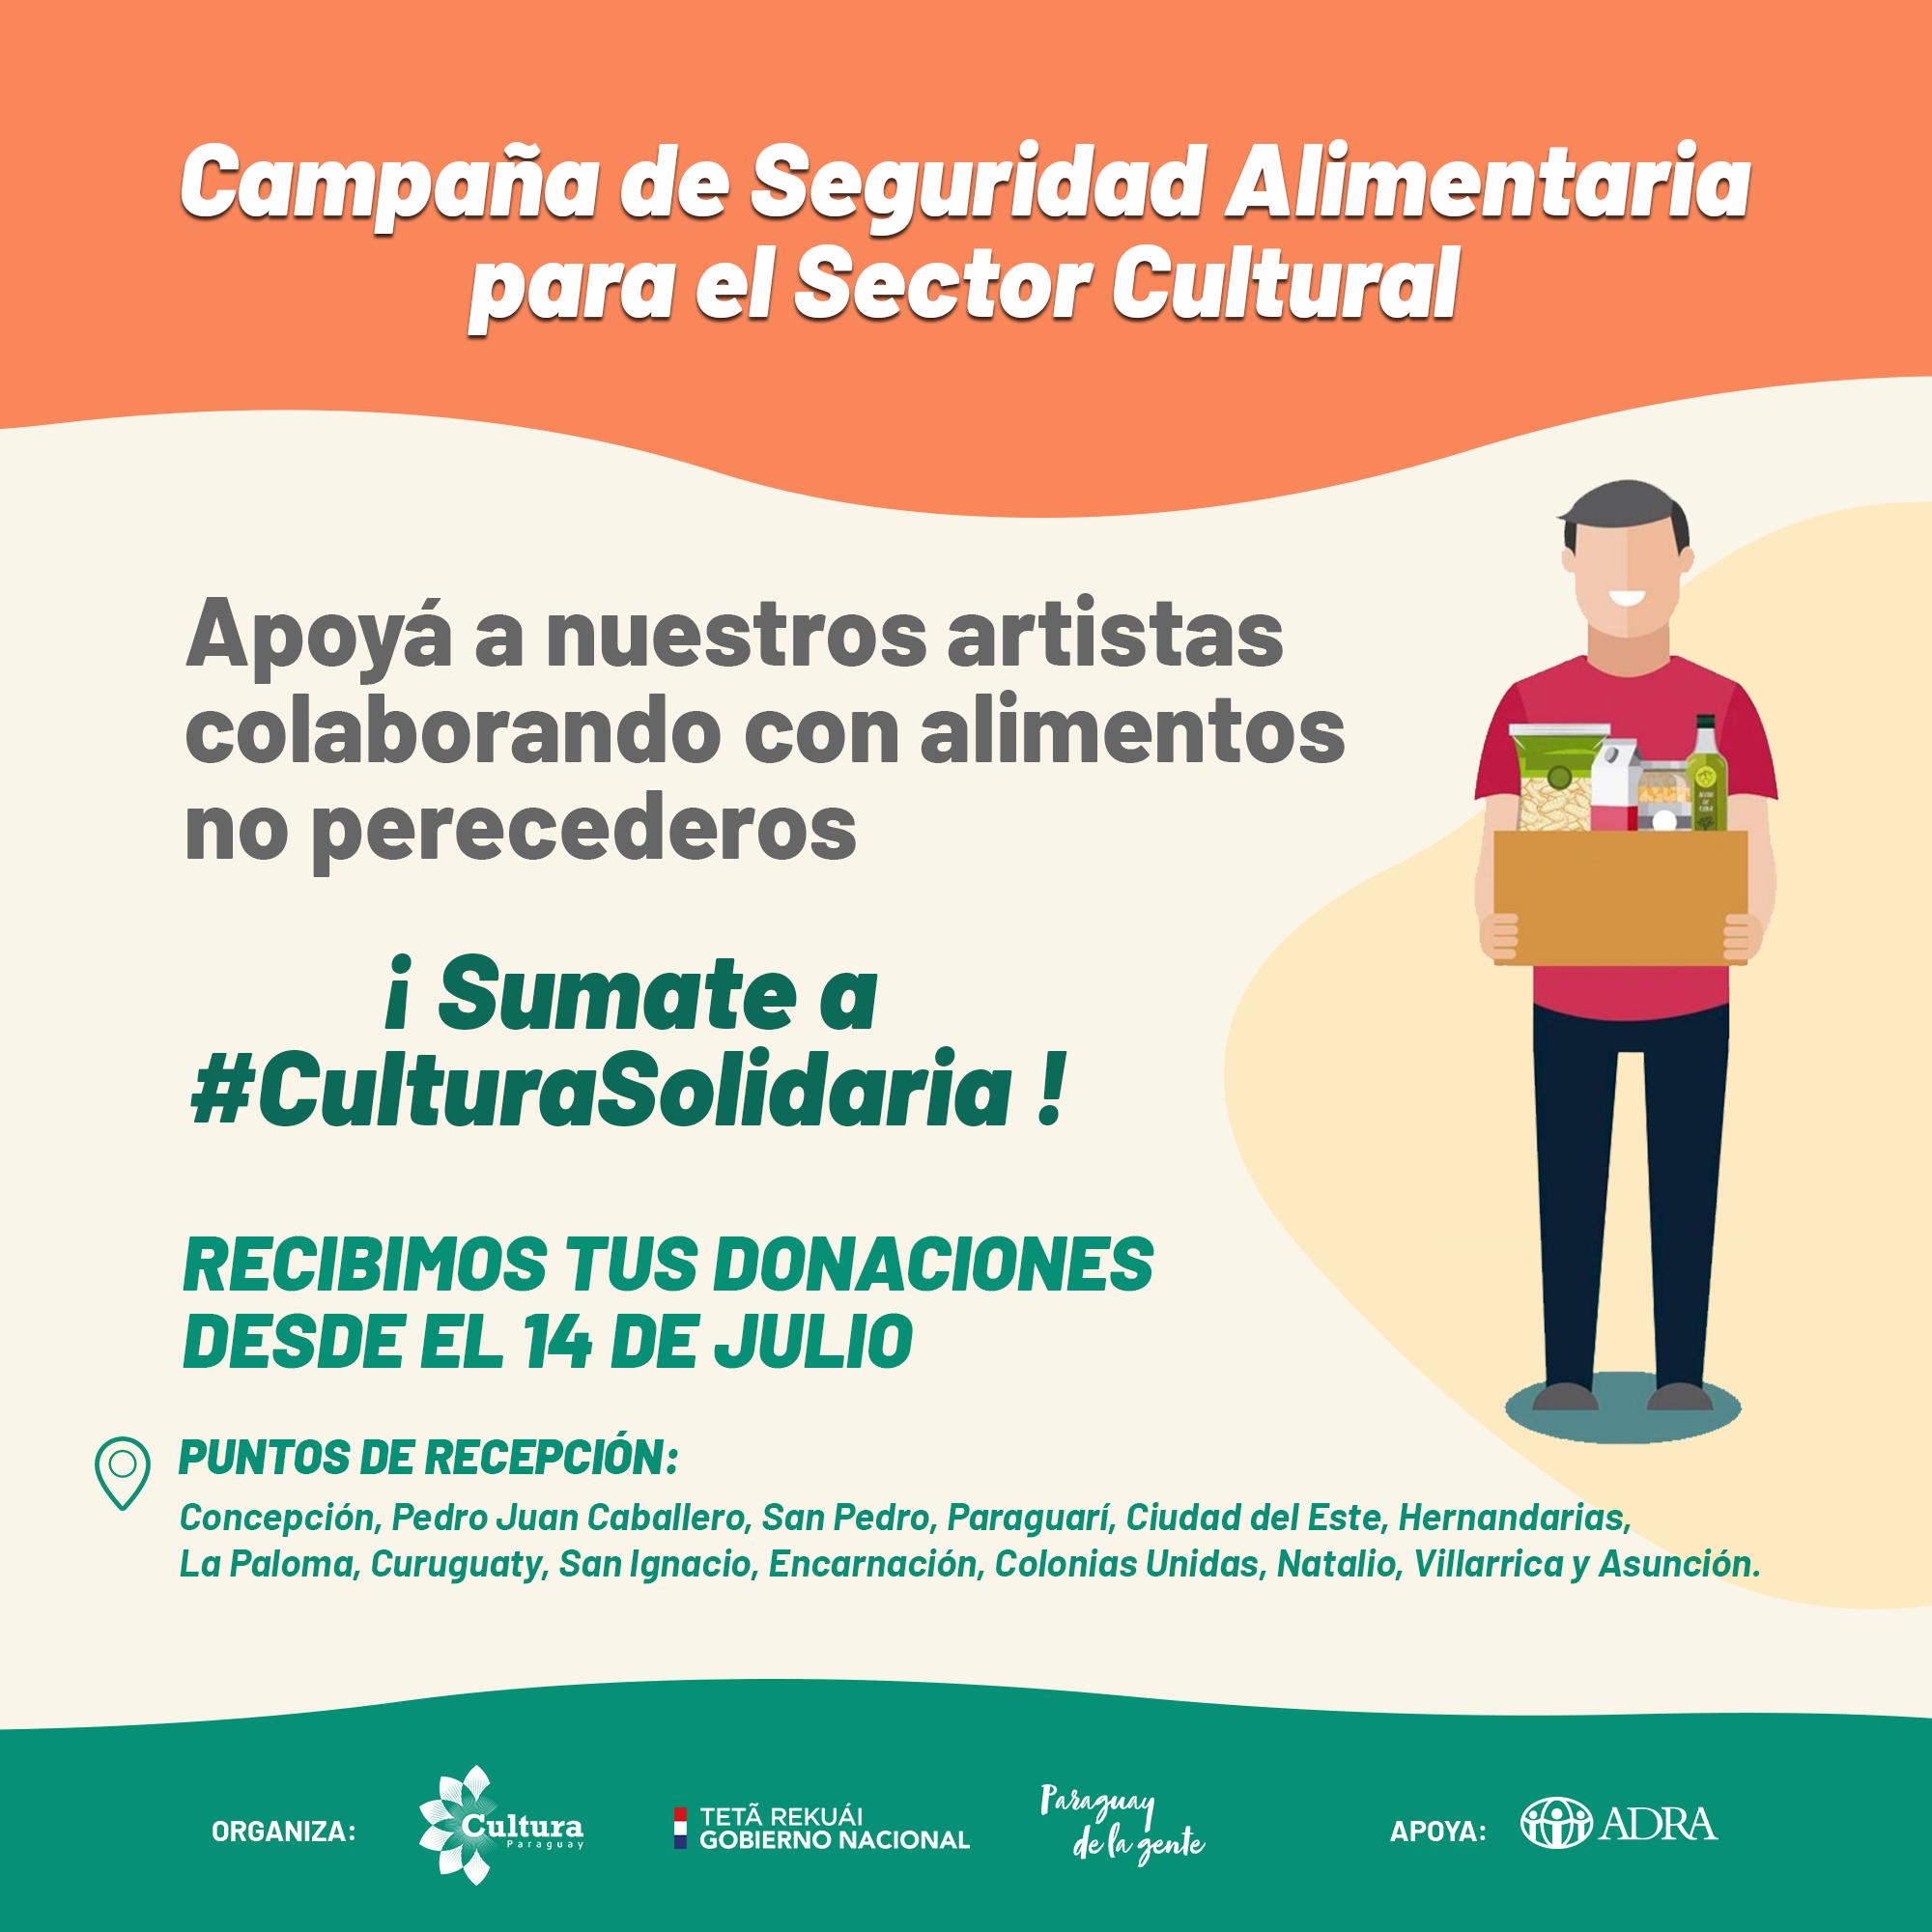 SNC lanza Campaña de Seguridad Alimentaria para el Sector Cultural imagen